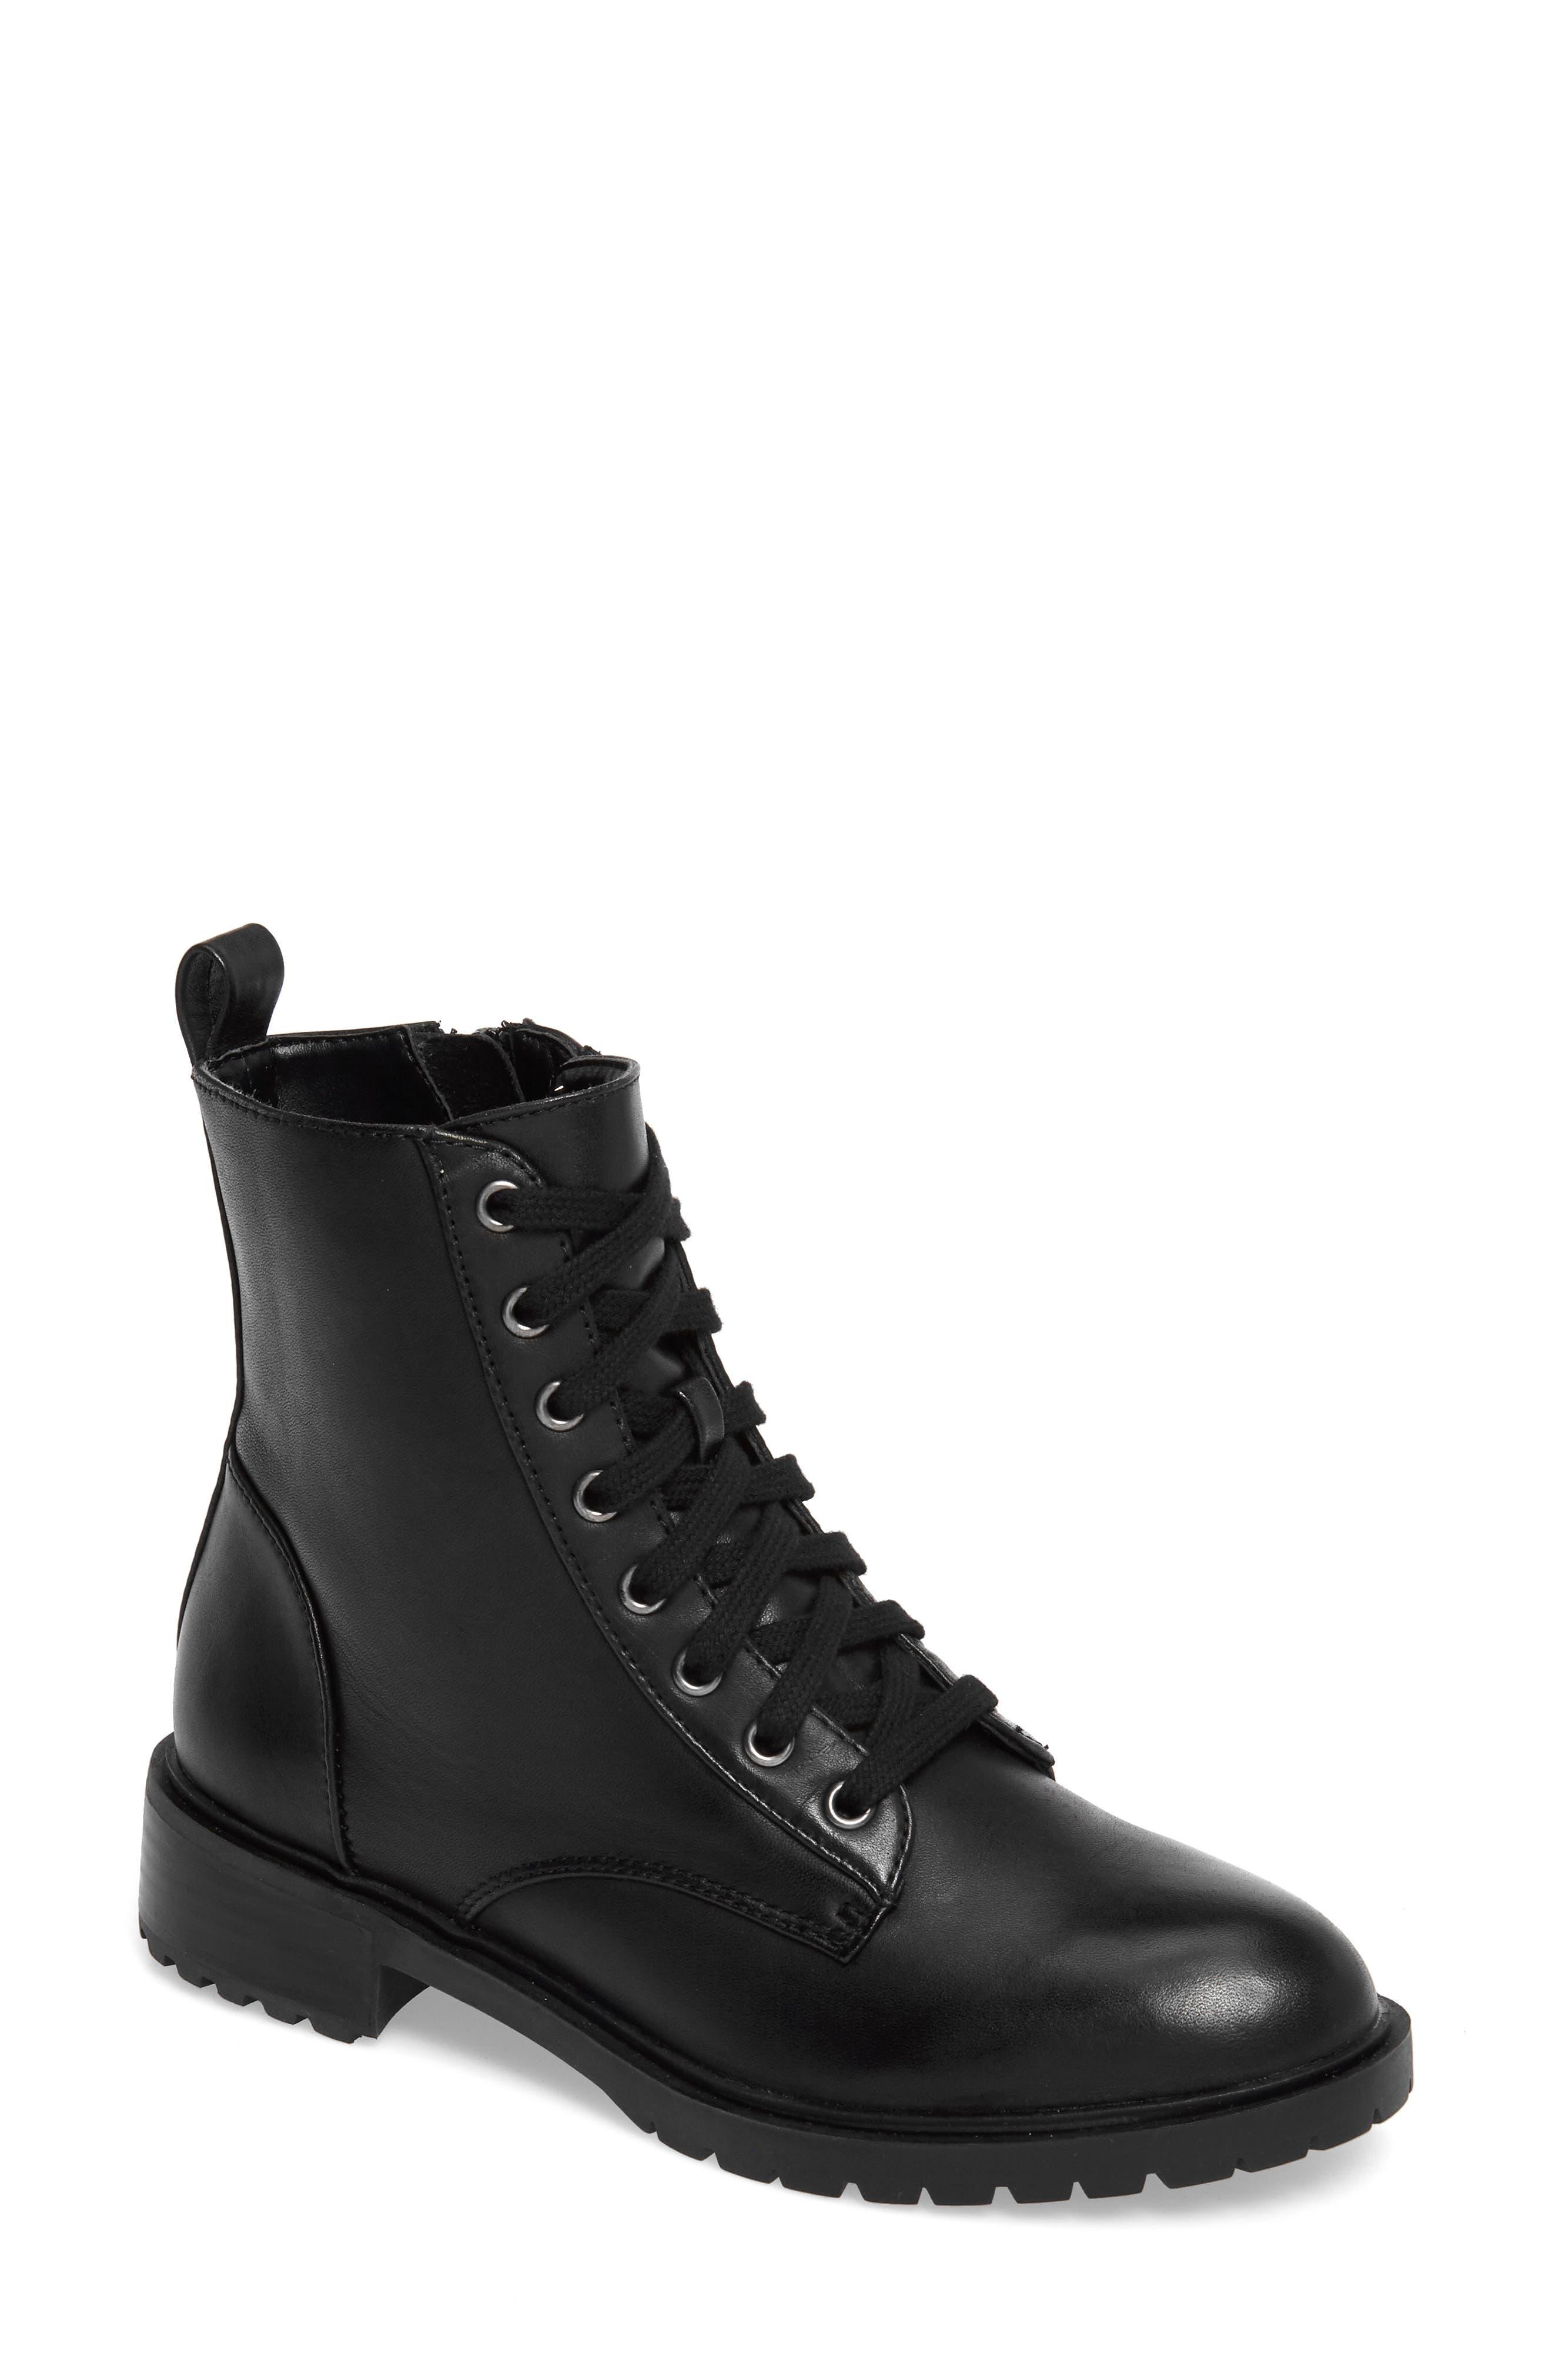 Alternate Image 1 Selected - Steve Madden Officer Combat Boot (Women)